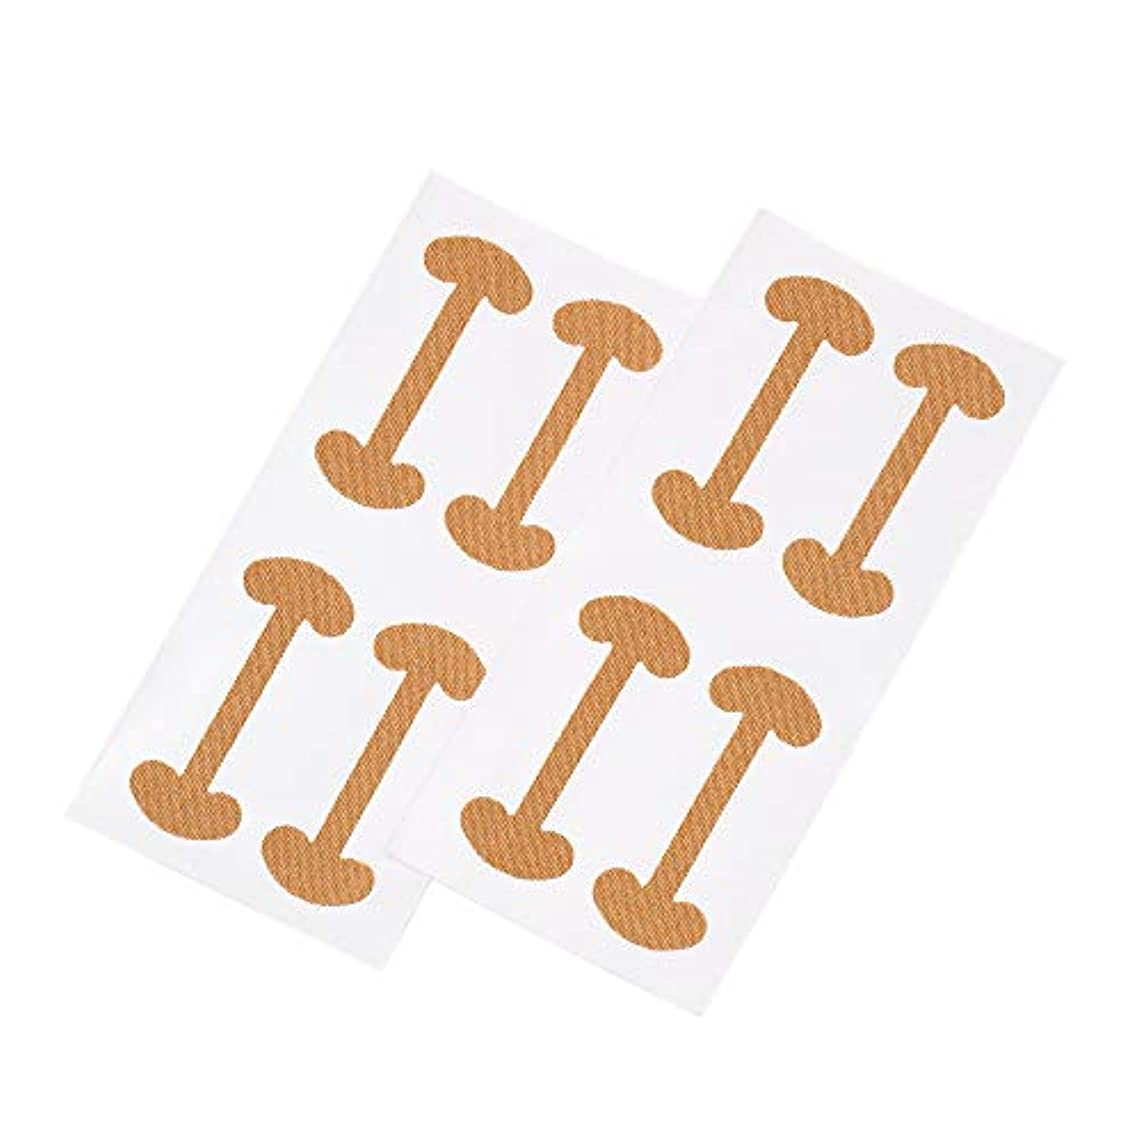 精神医学飢芸術的Decdeal 8ピース 巻き爪 ケアテープ まきずめ 矯正 巻きヅメ 矯正 爪の治療 爪の矯正パッチ 爪リフタ